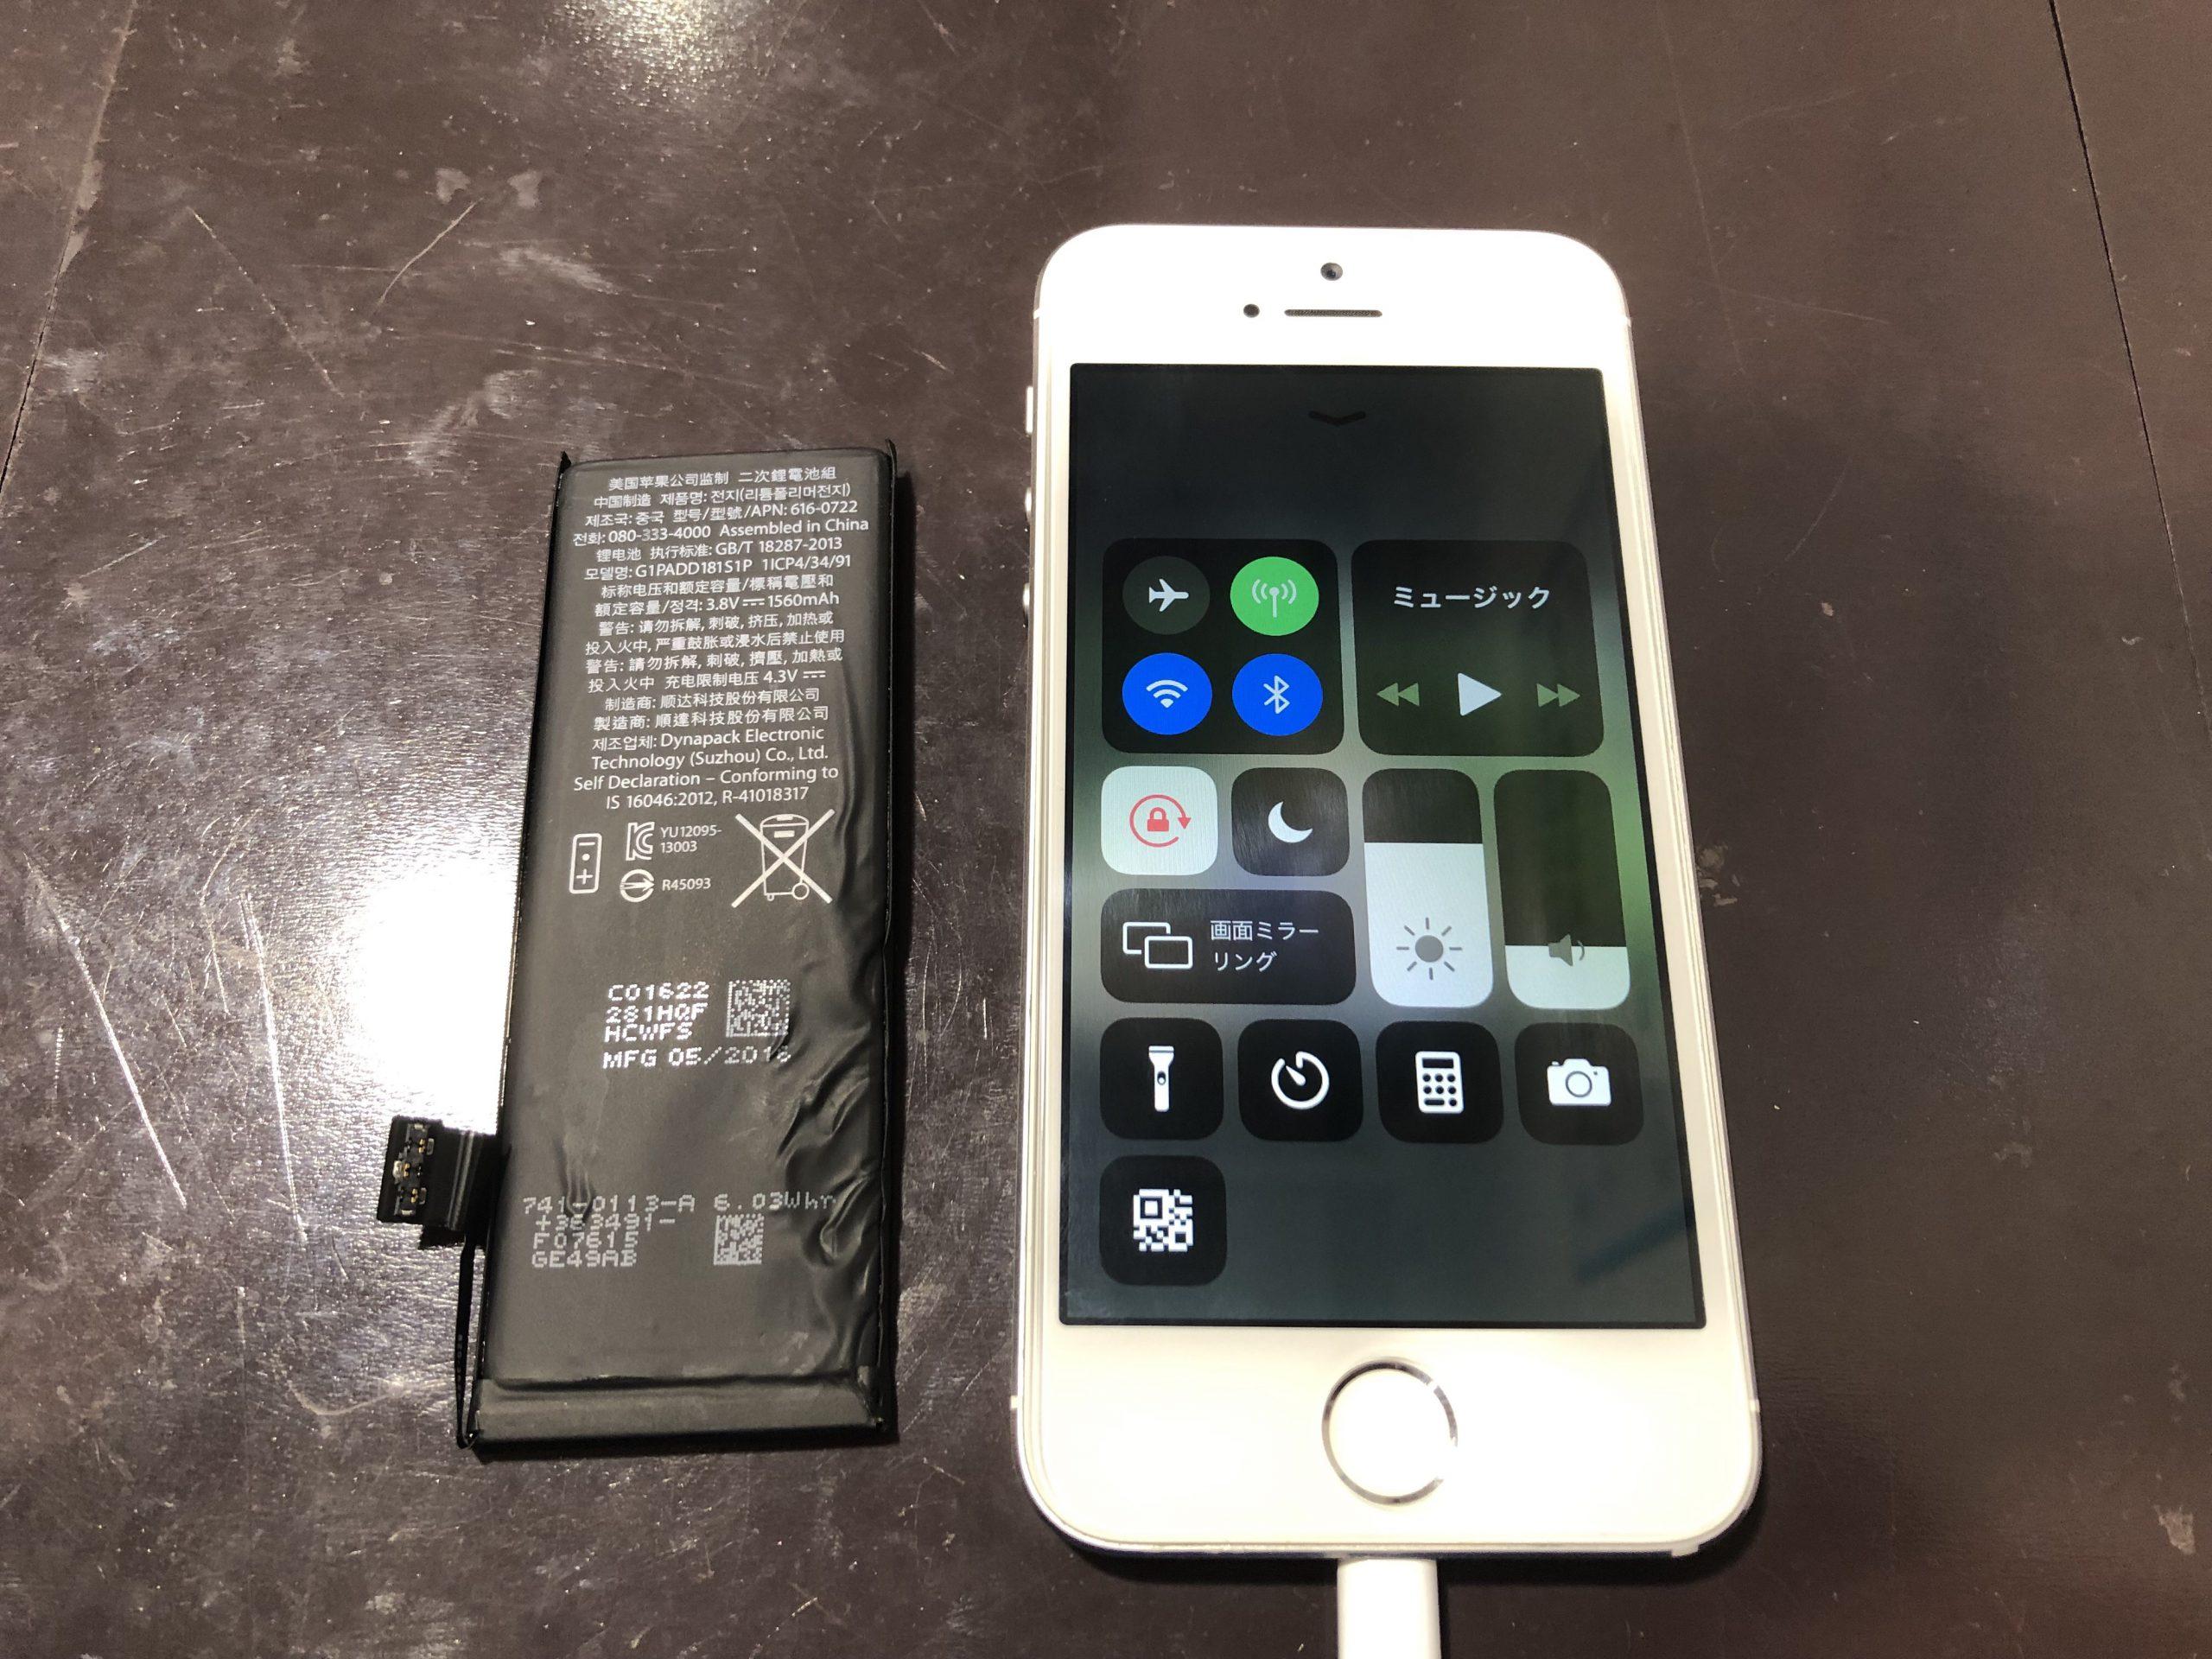 アイフォンの電池が全然持たない、、、困った時はスマートクールイオンモール伊丹で即日最短20分修理!!<伊丹市からお越しのお客様>TEL:072-767-1011